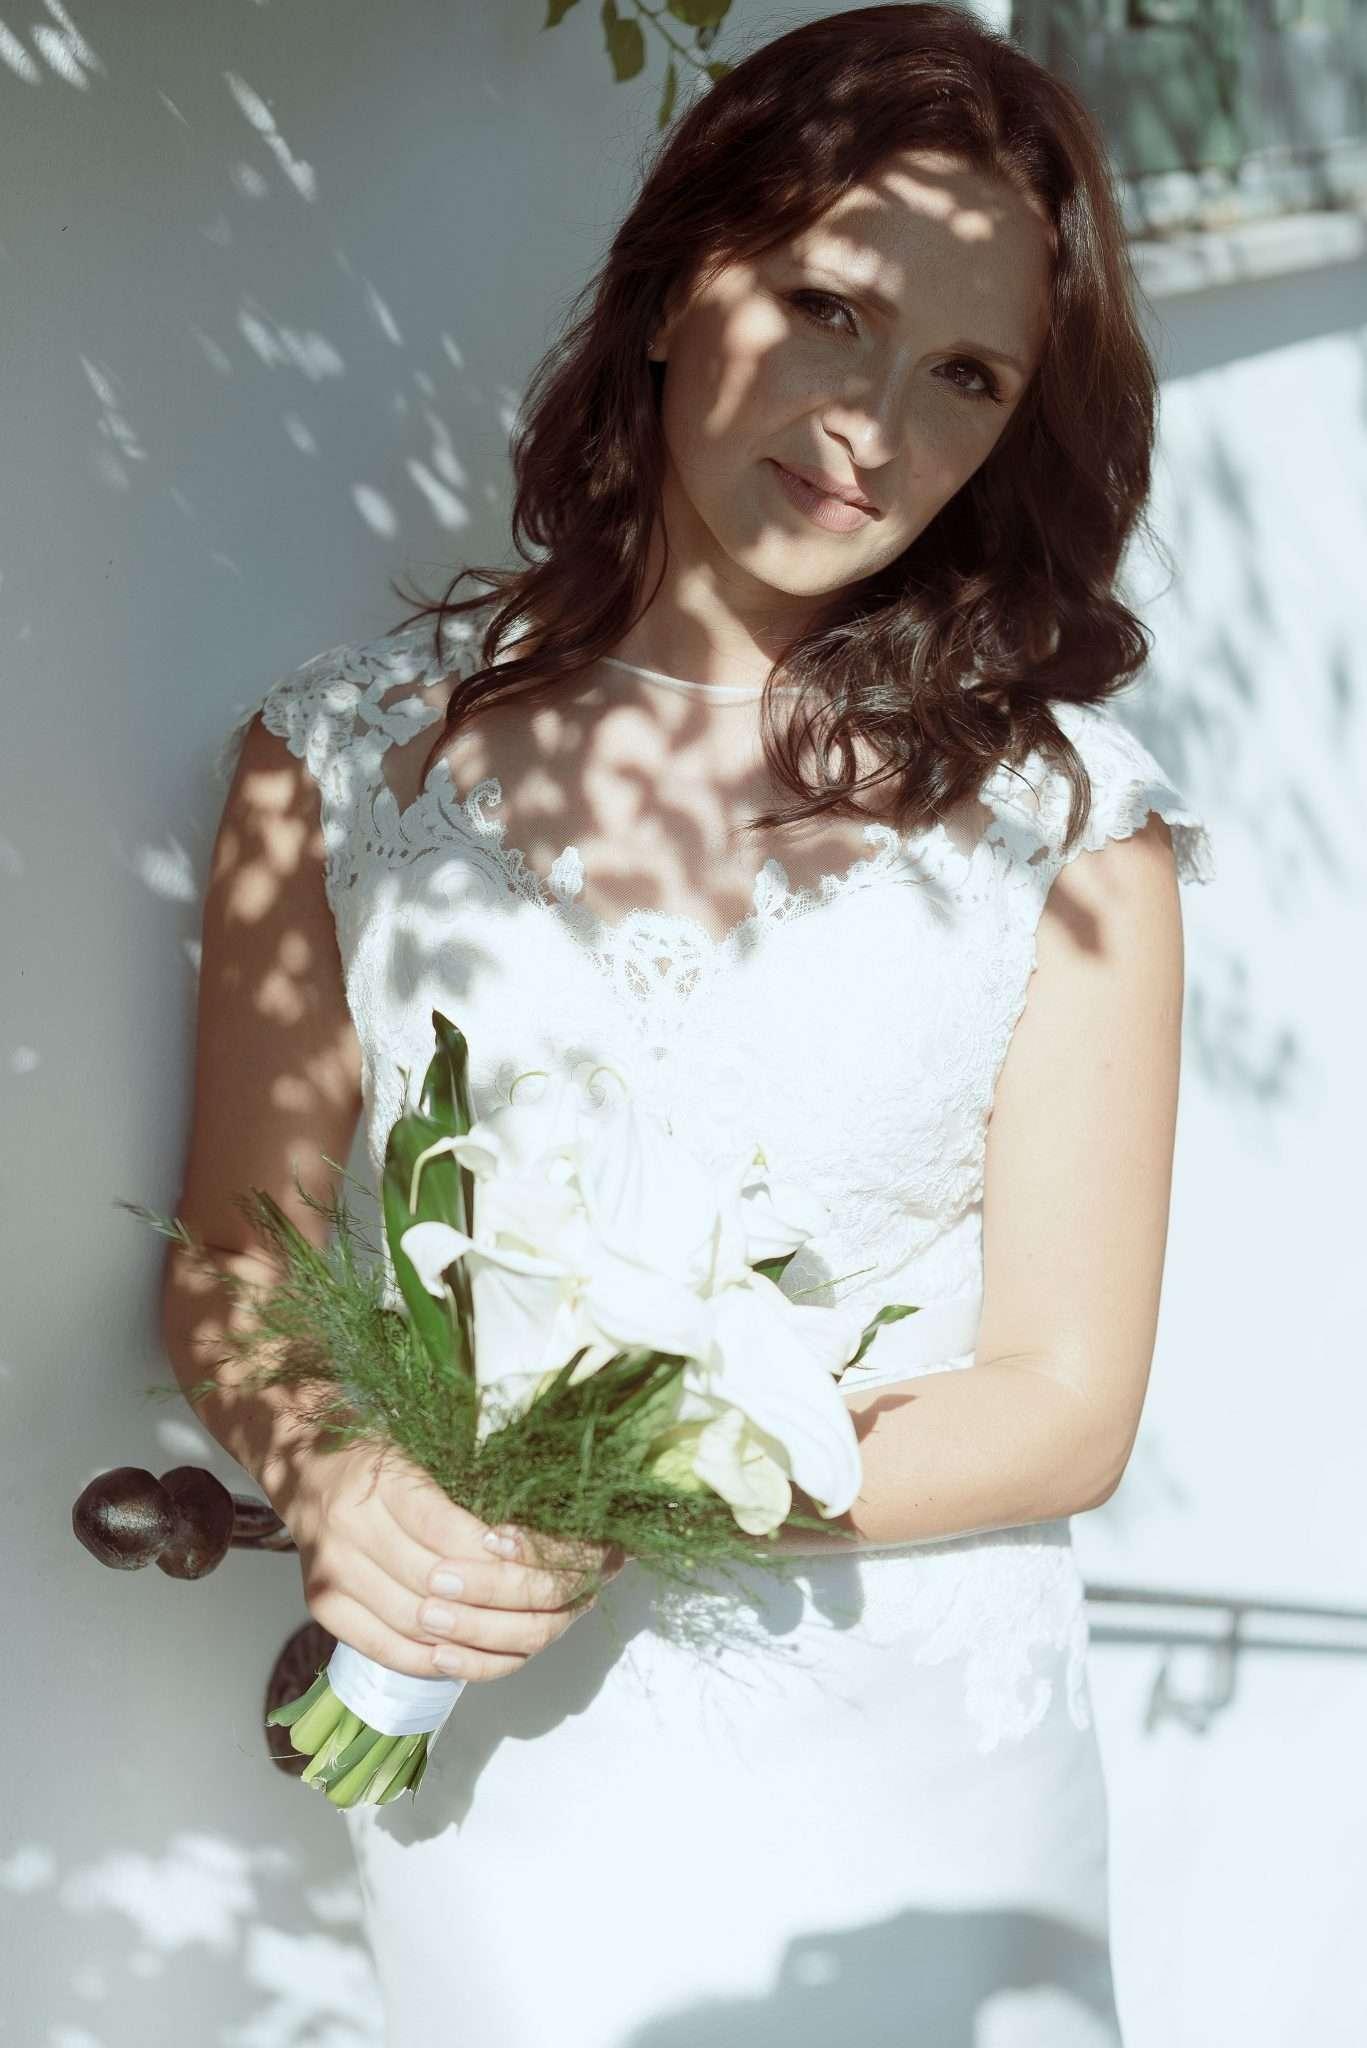 Fotografia portrait bride russia realizzata da Barbara Trincone fotografa con studio a Pozzuoli - Napoli